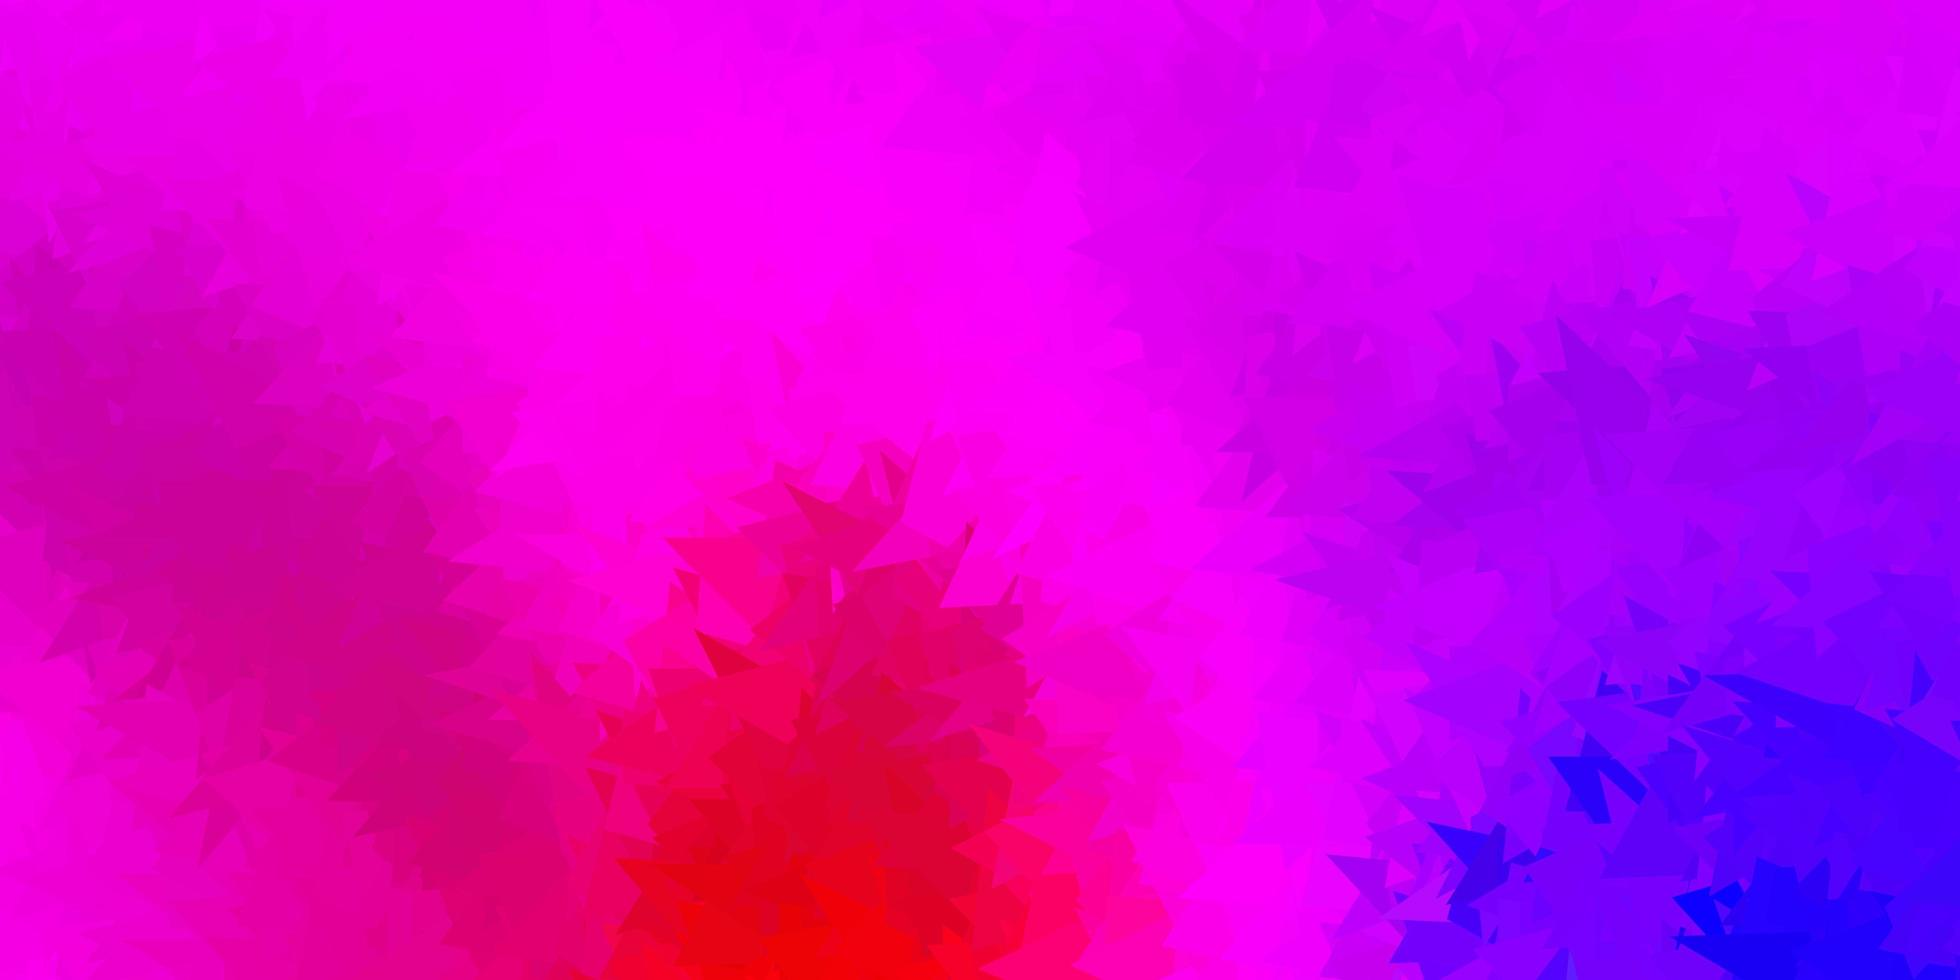 mörkrosa, röd vektor geometrisk månghörnigt tapet.